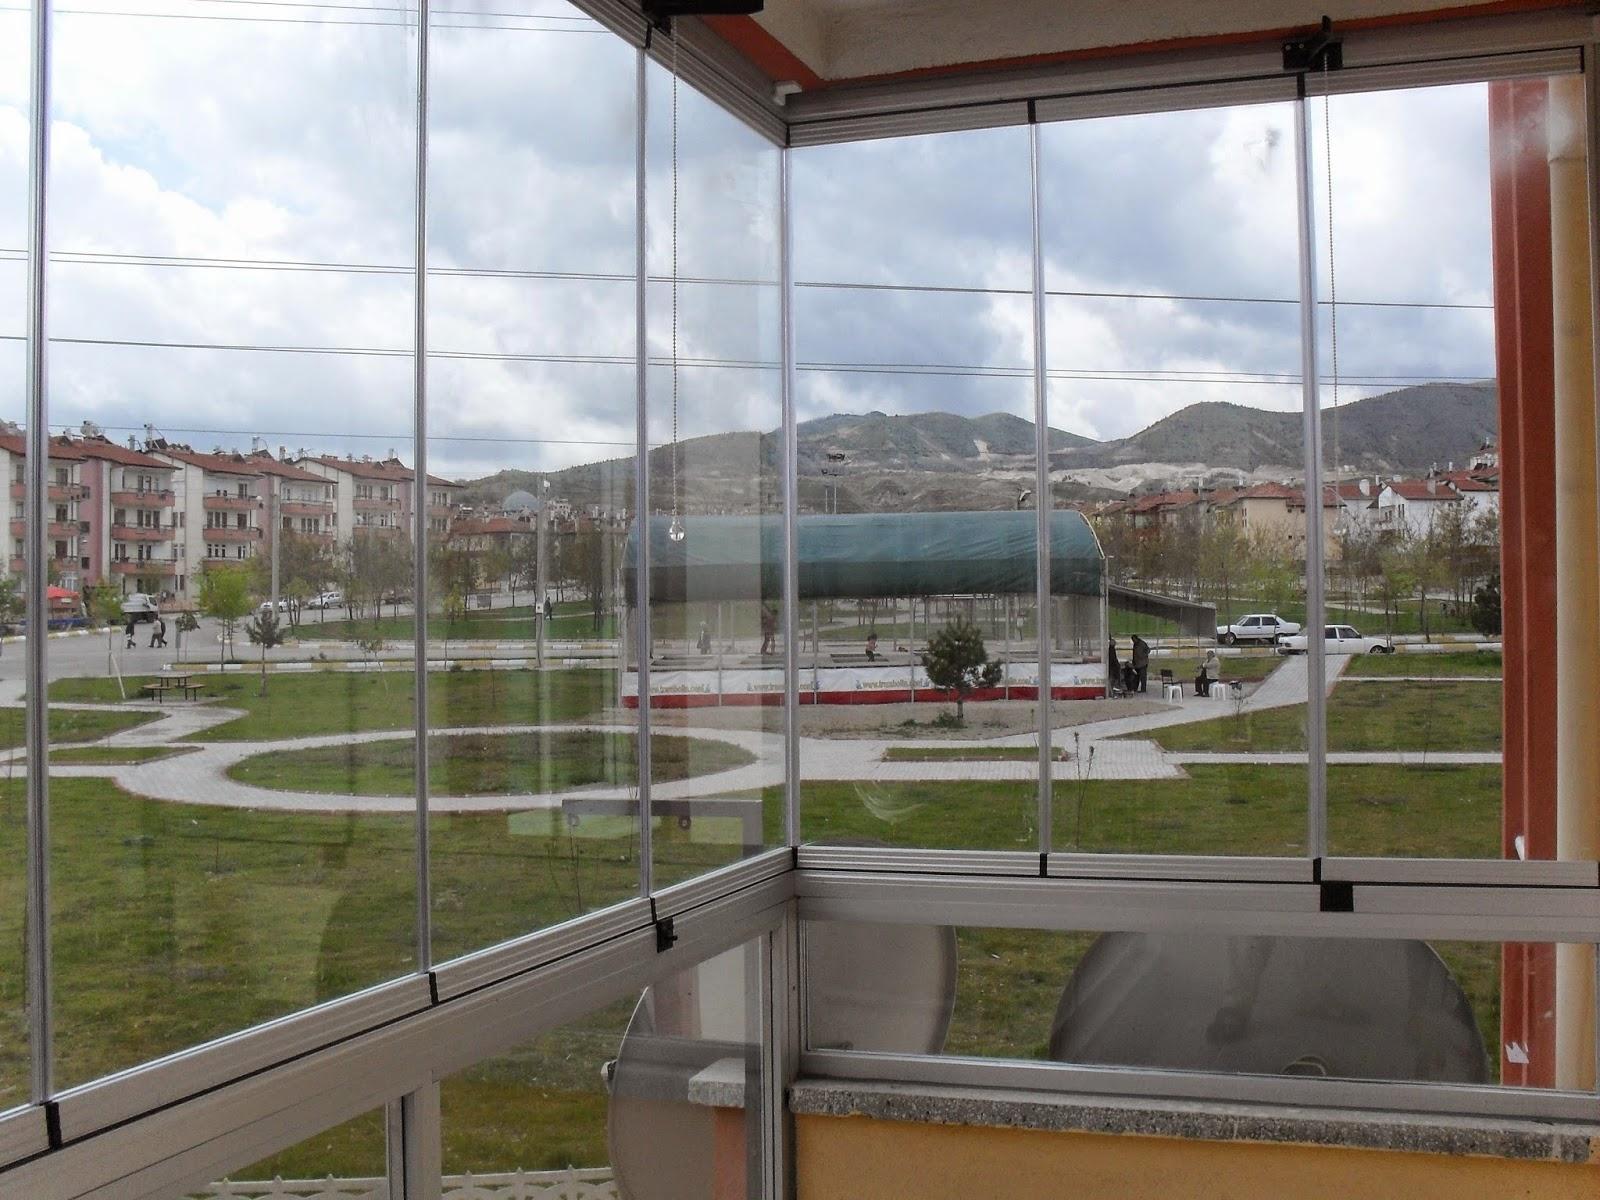 Kayseri cam balkon fiyatları